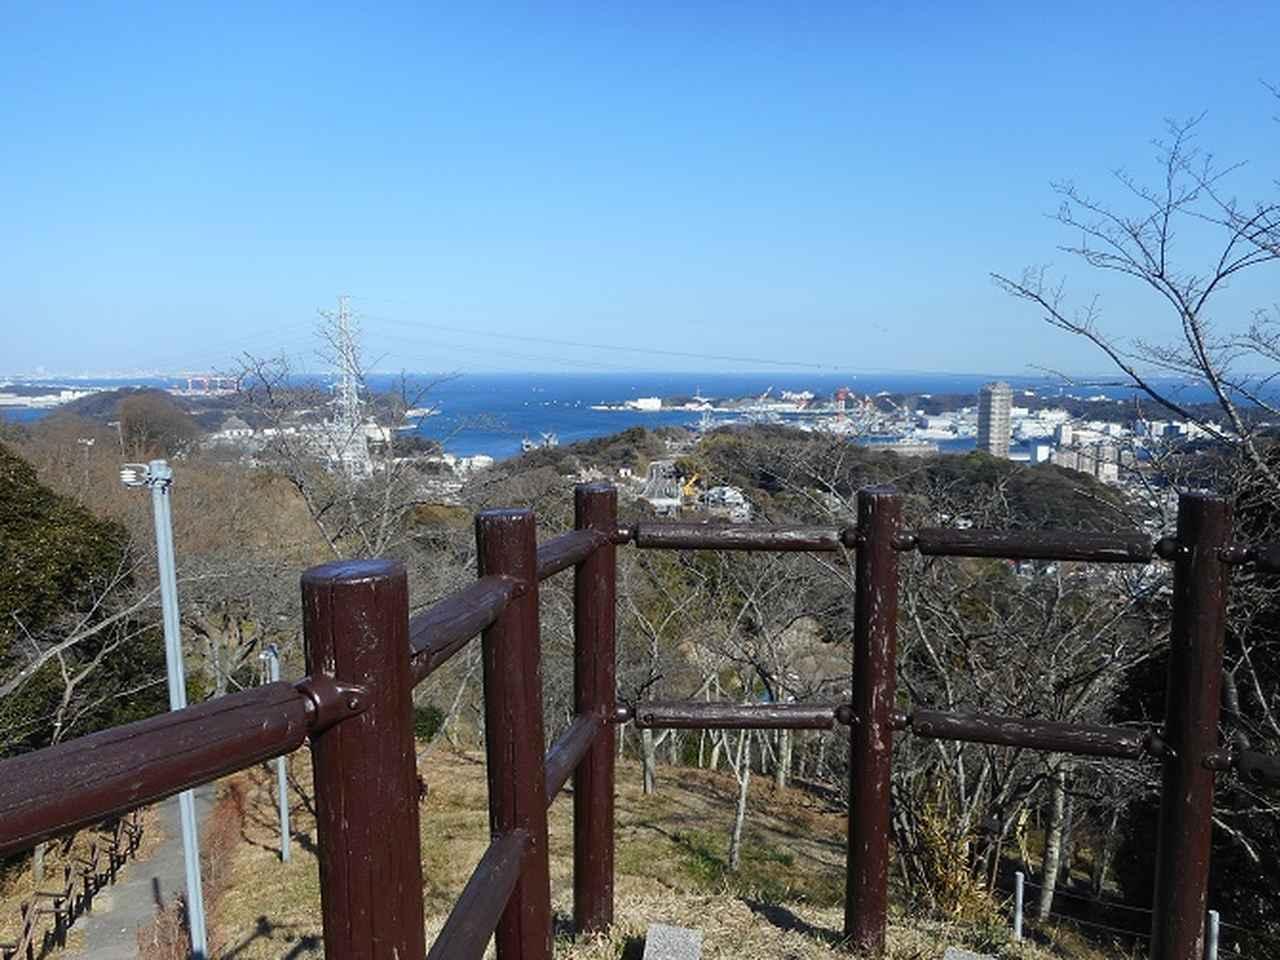 画像13: 2月16日・実施予定の山旅会 乳頭山から畠山 ツアーの下見へ!